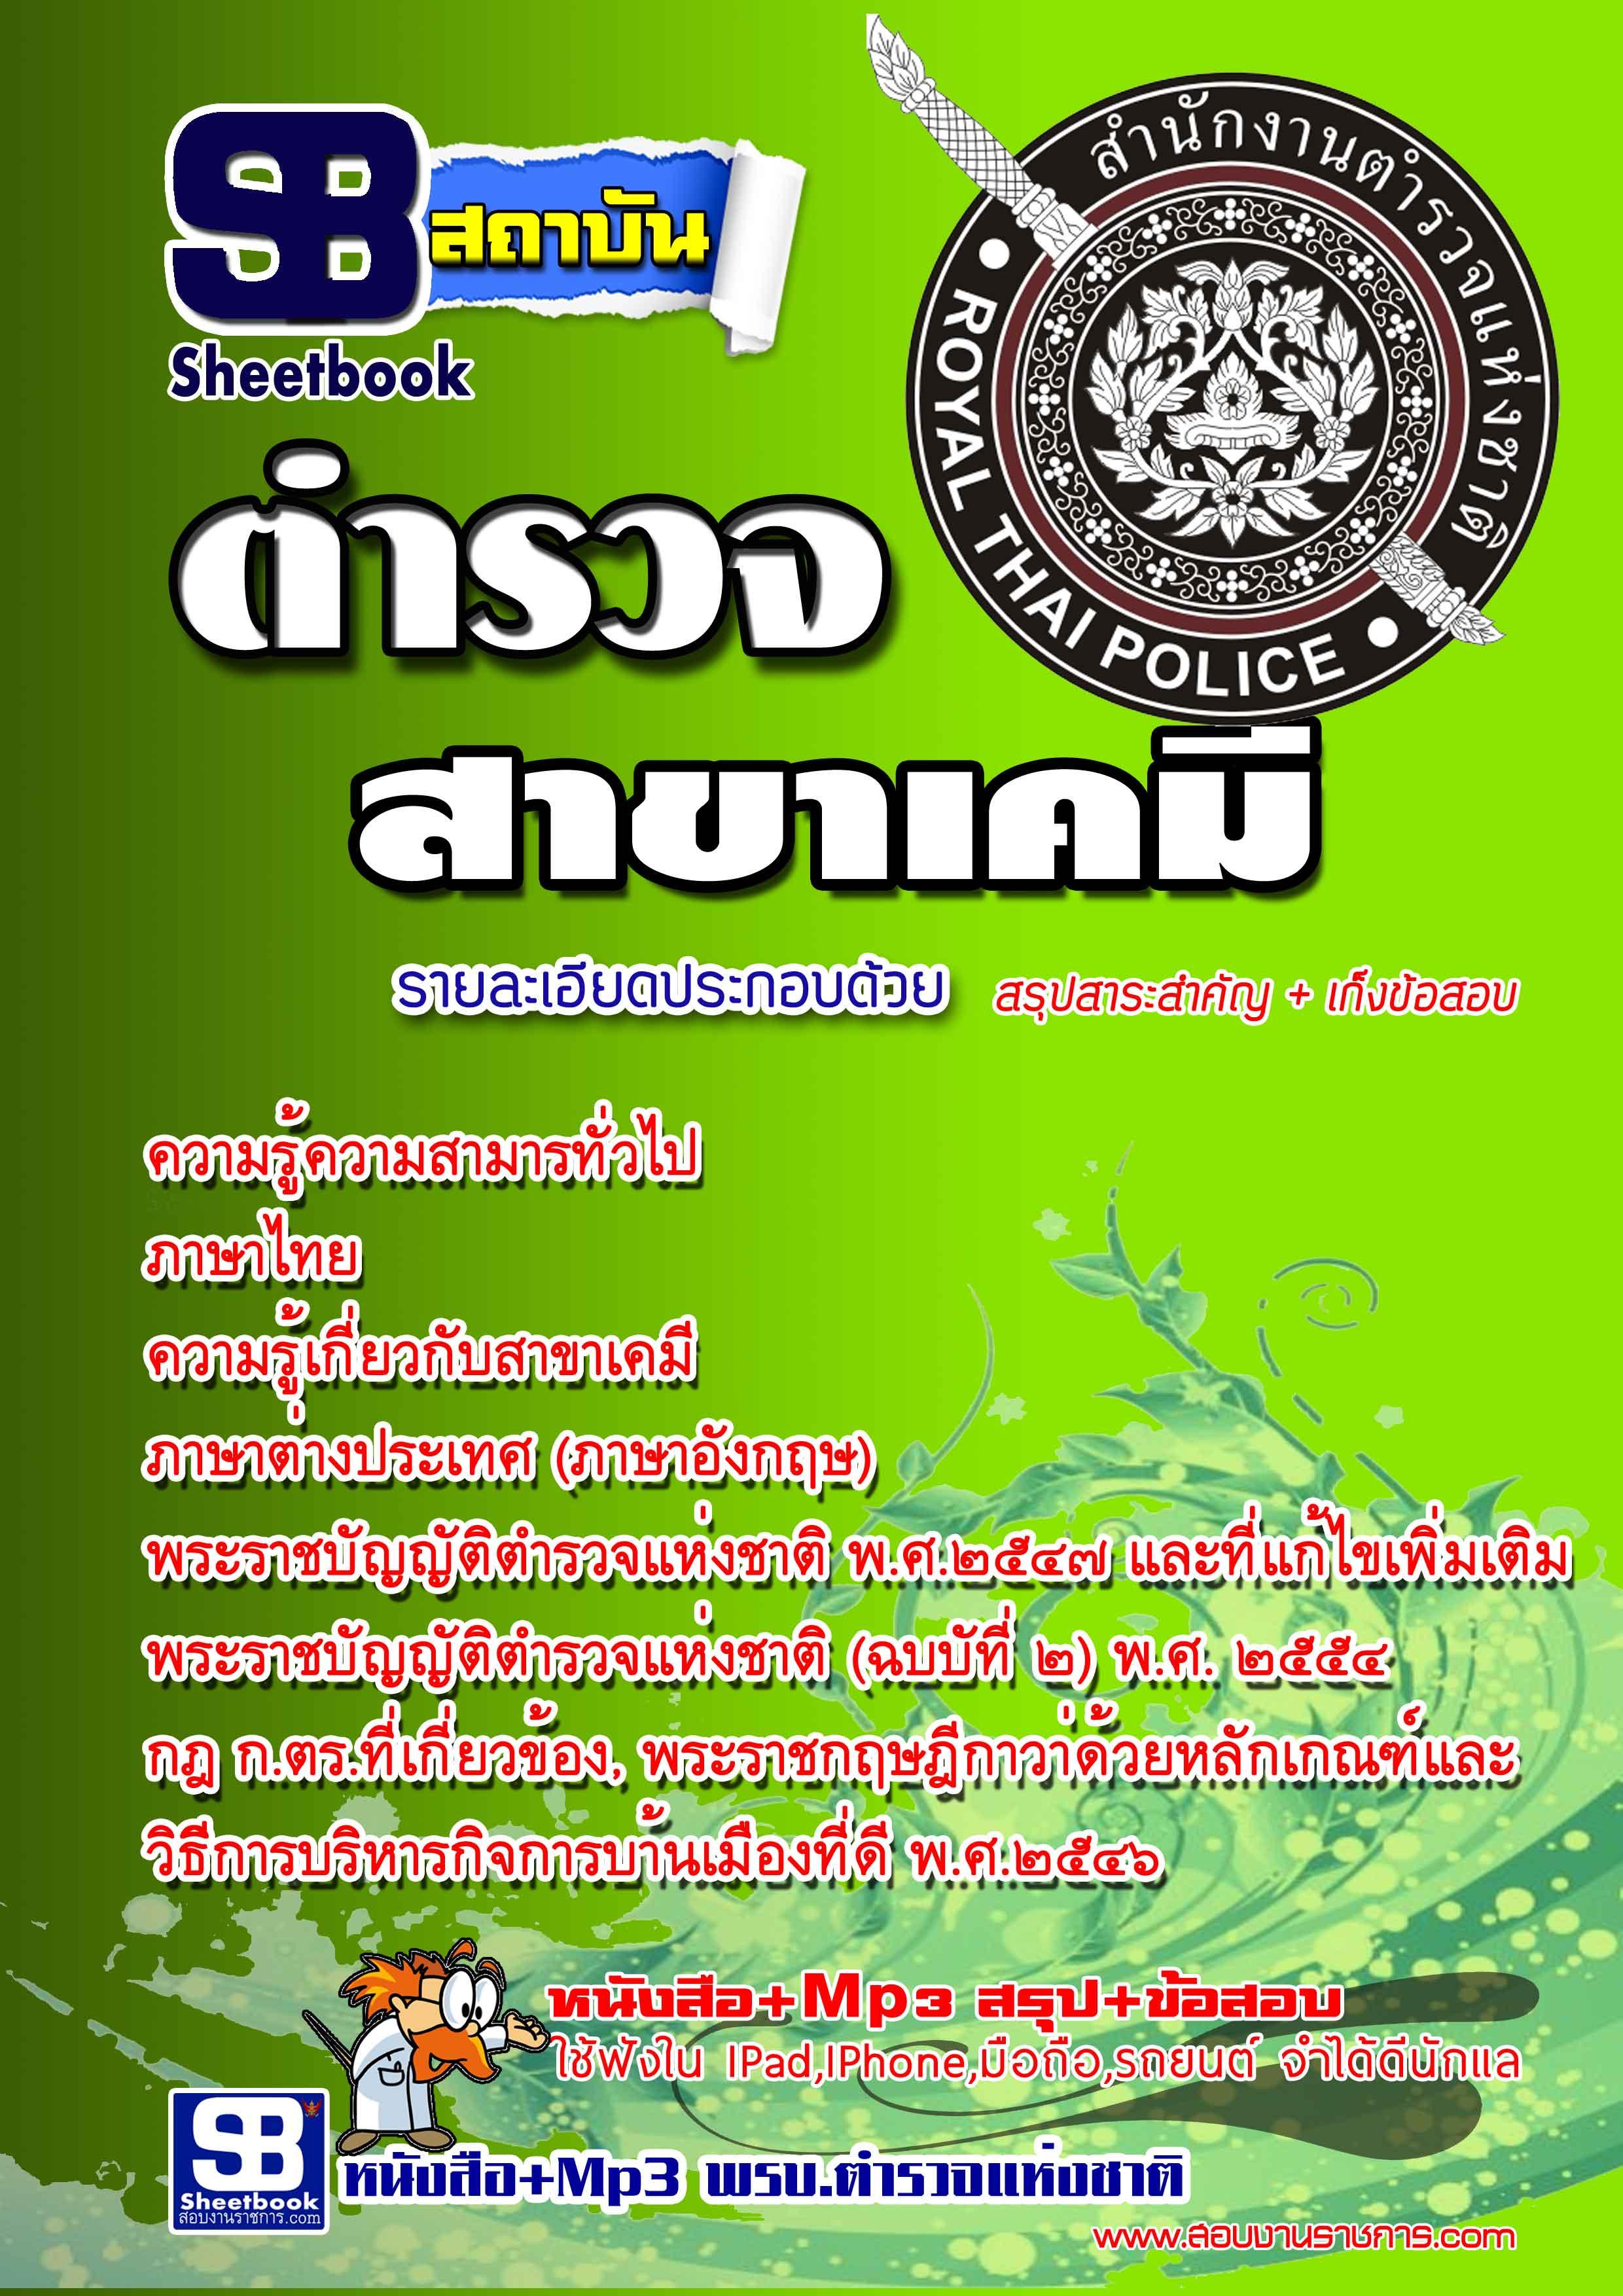 คู่มือสอบ แนวข้อสอบตำรวจ สาขาเคมี (หนังสือ+MP3)